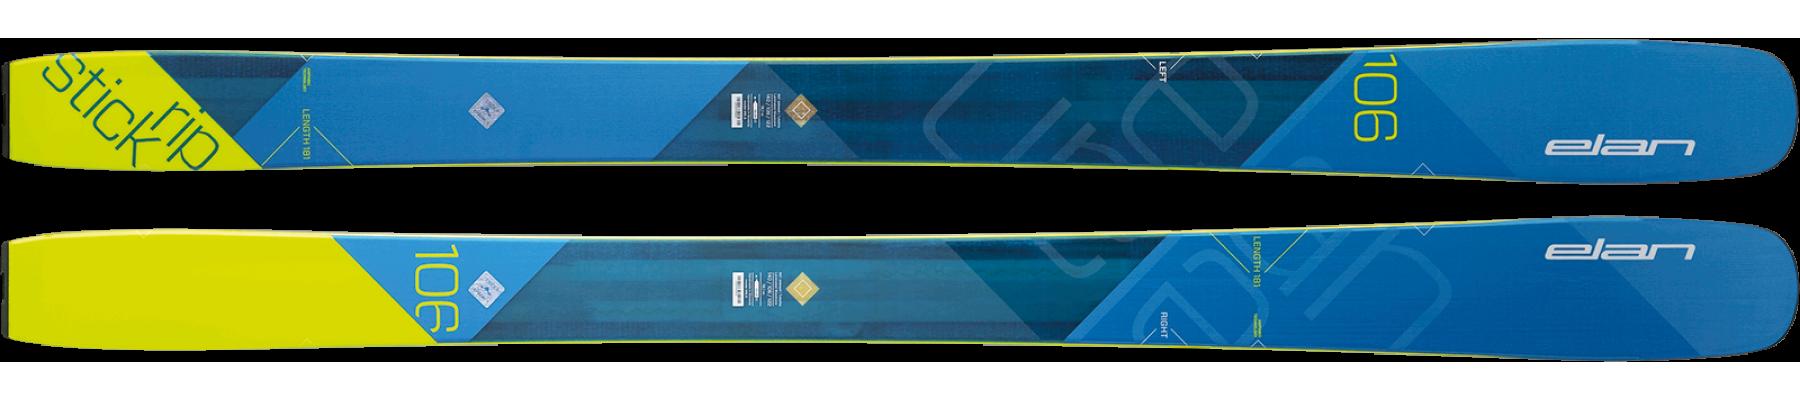 Elan-Ski-RIPSTICK-106